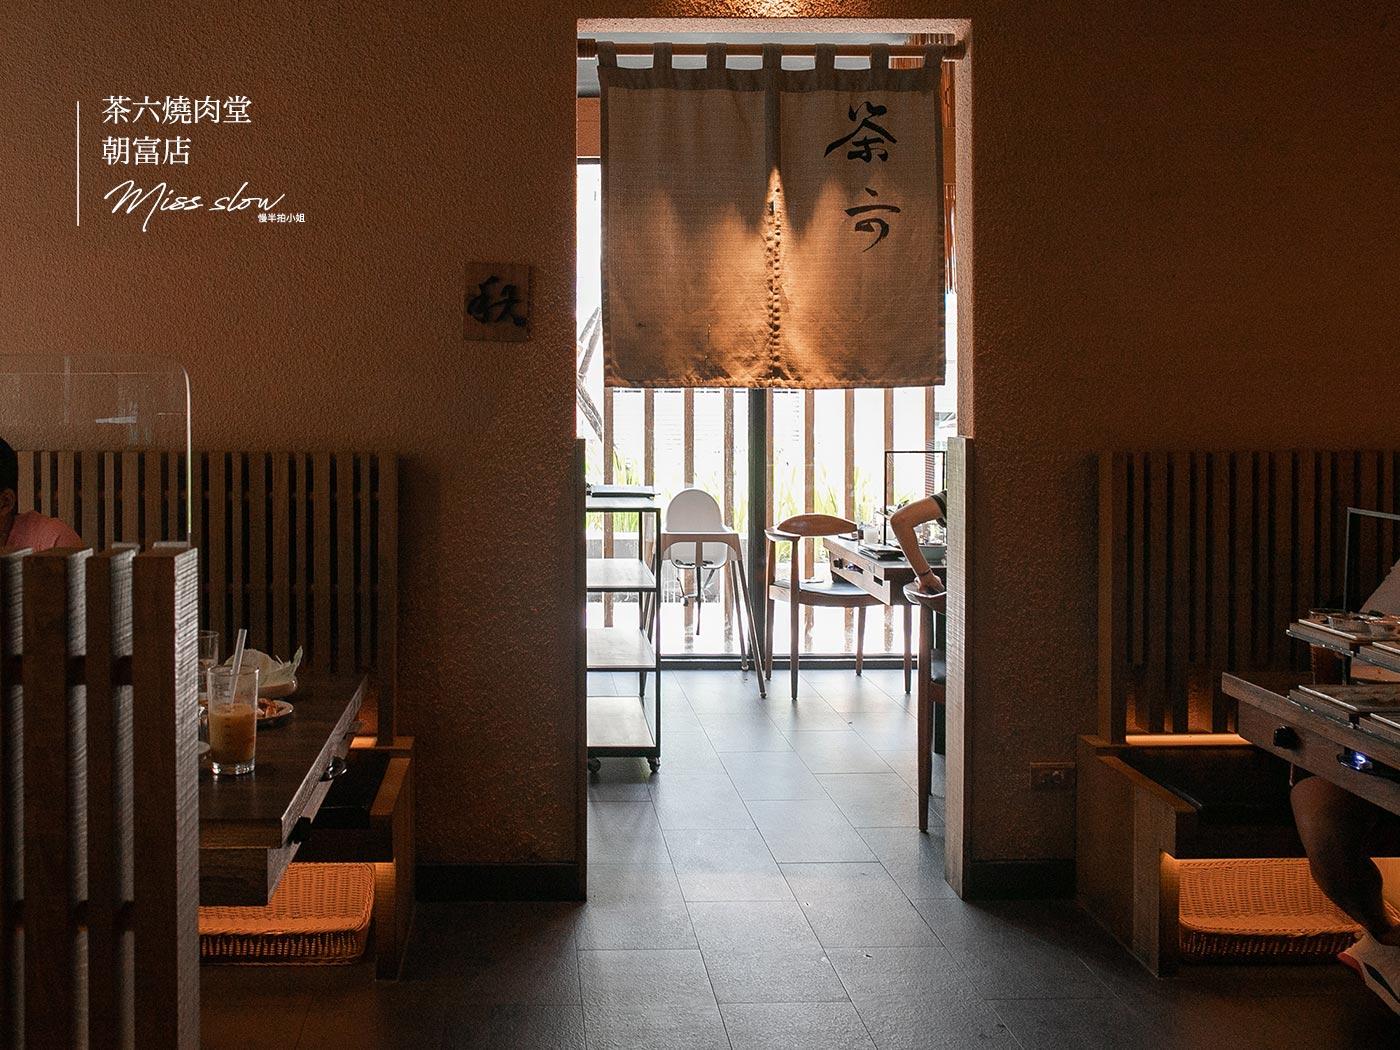 茶六朝富店 座位區1